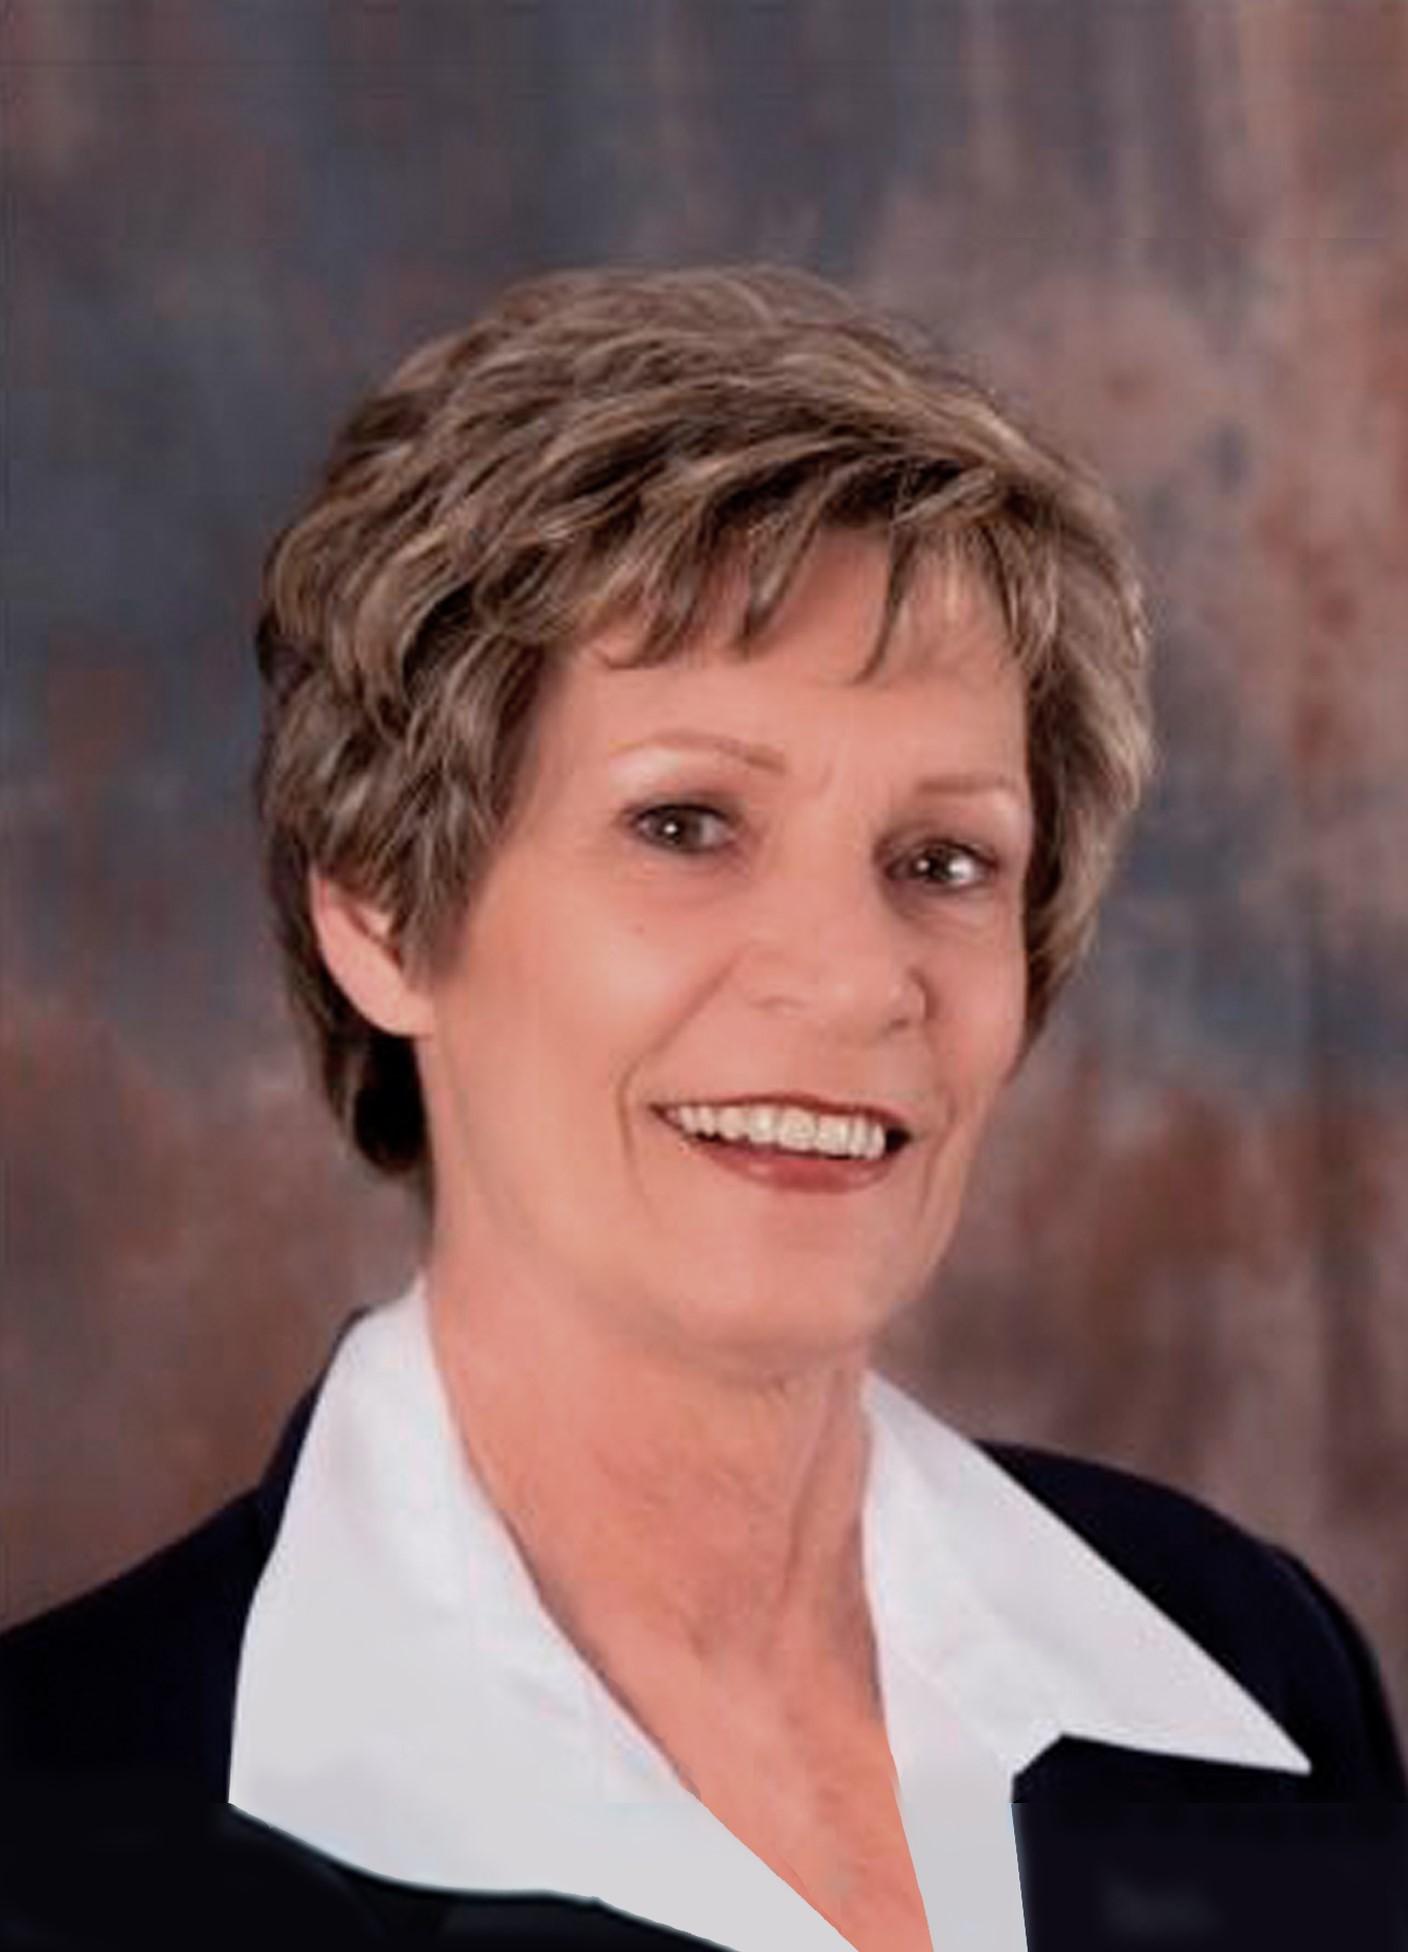 Lana Mook, Mayor - CIty of El Mirage